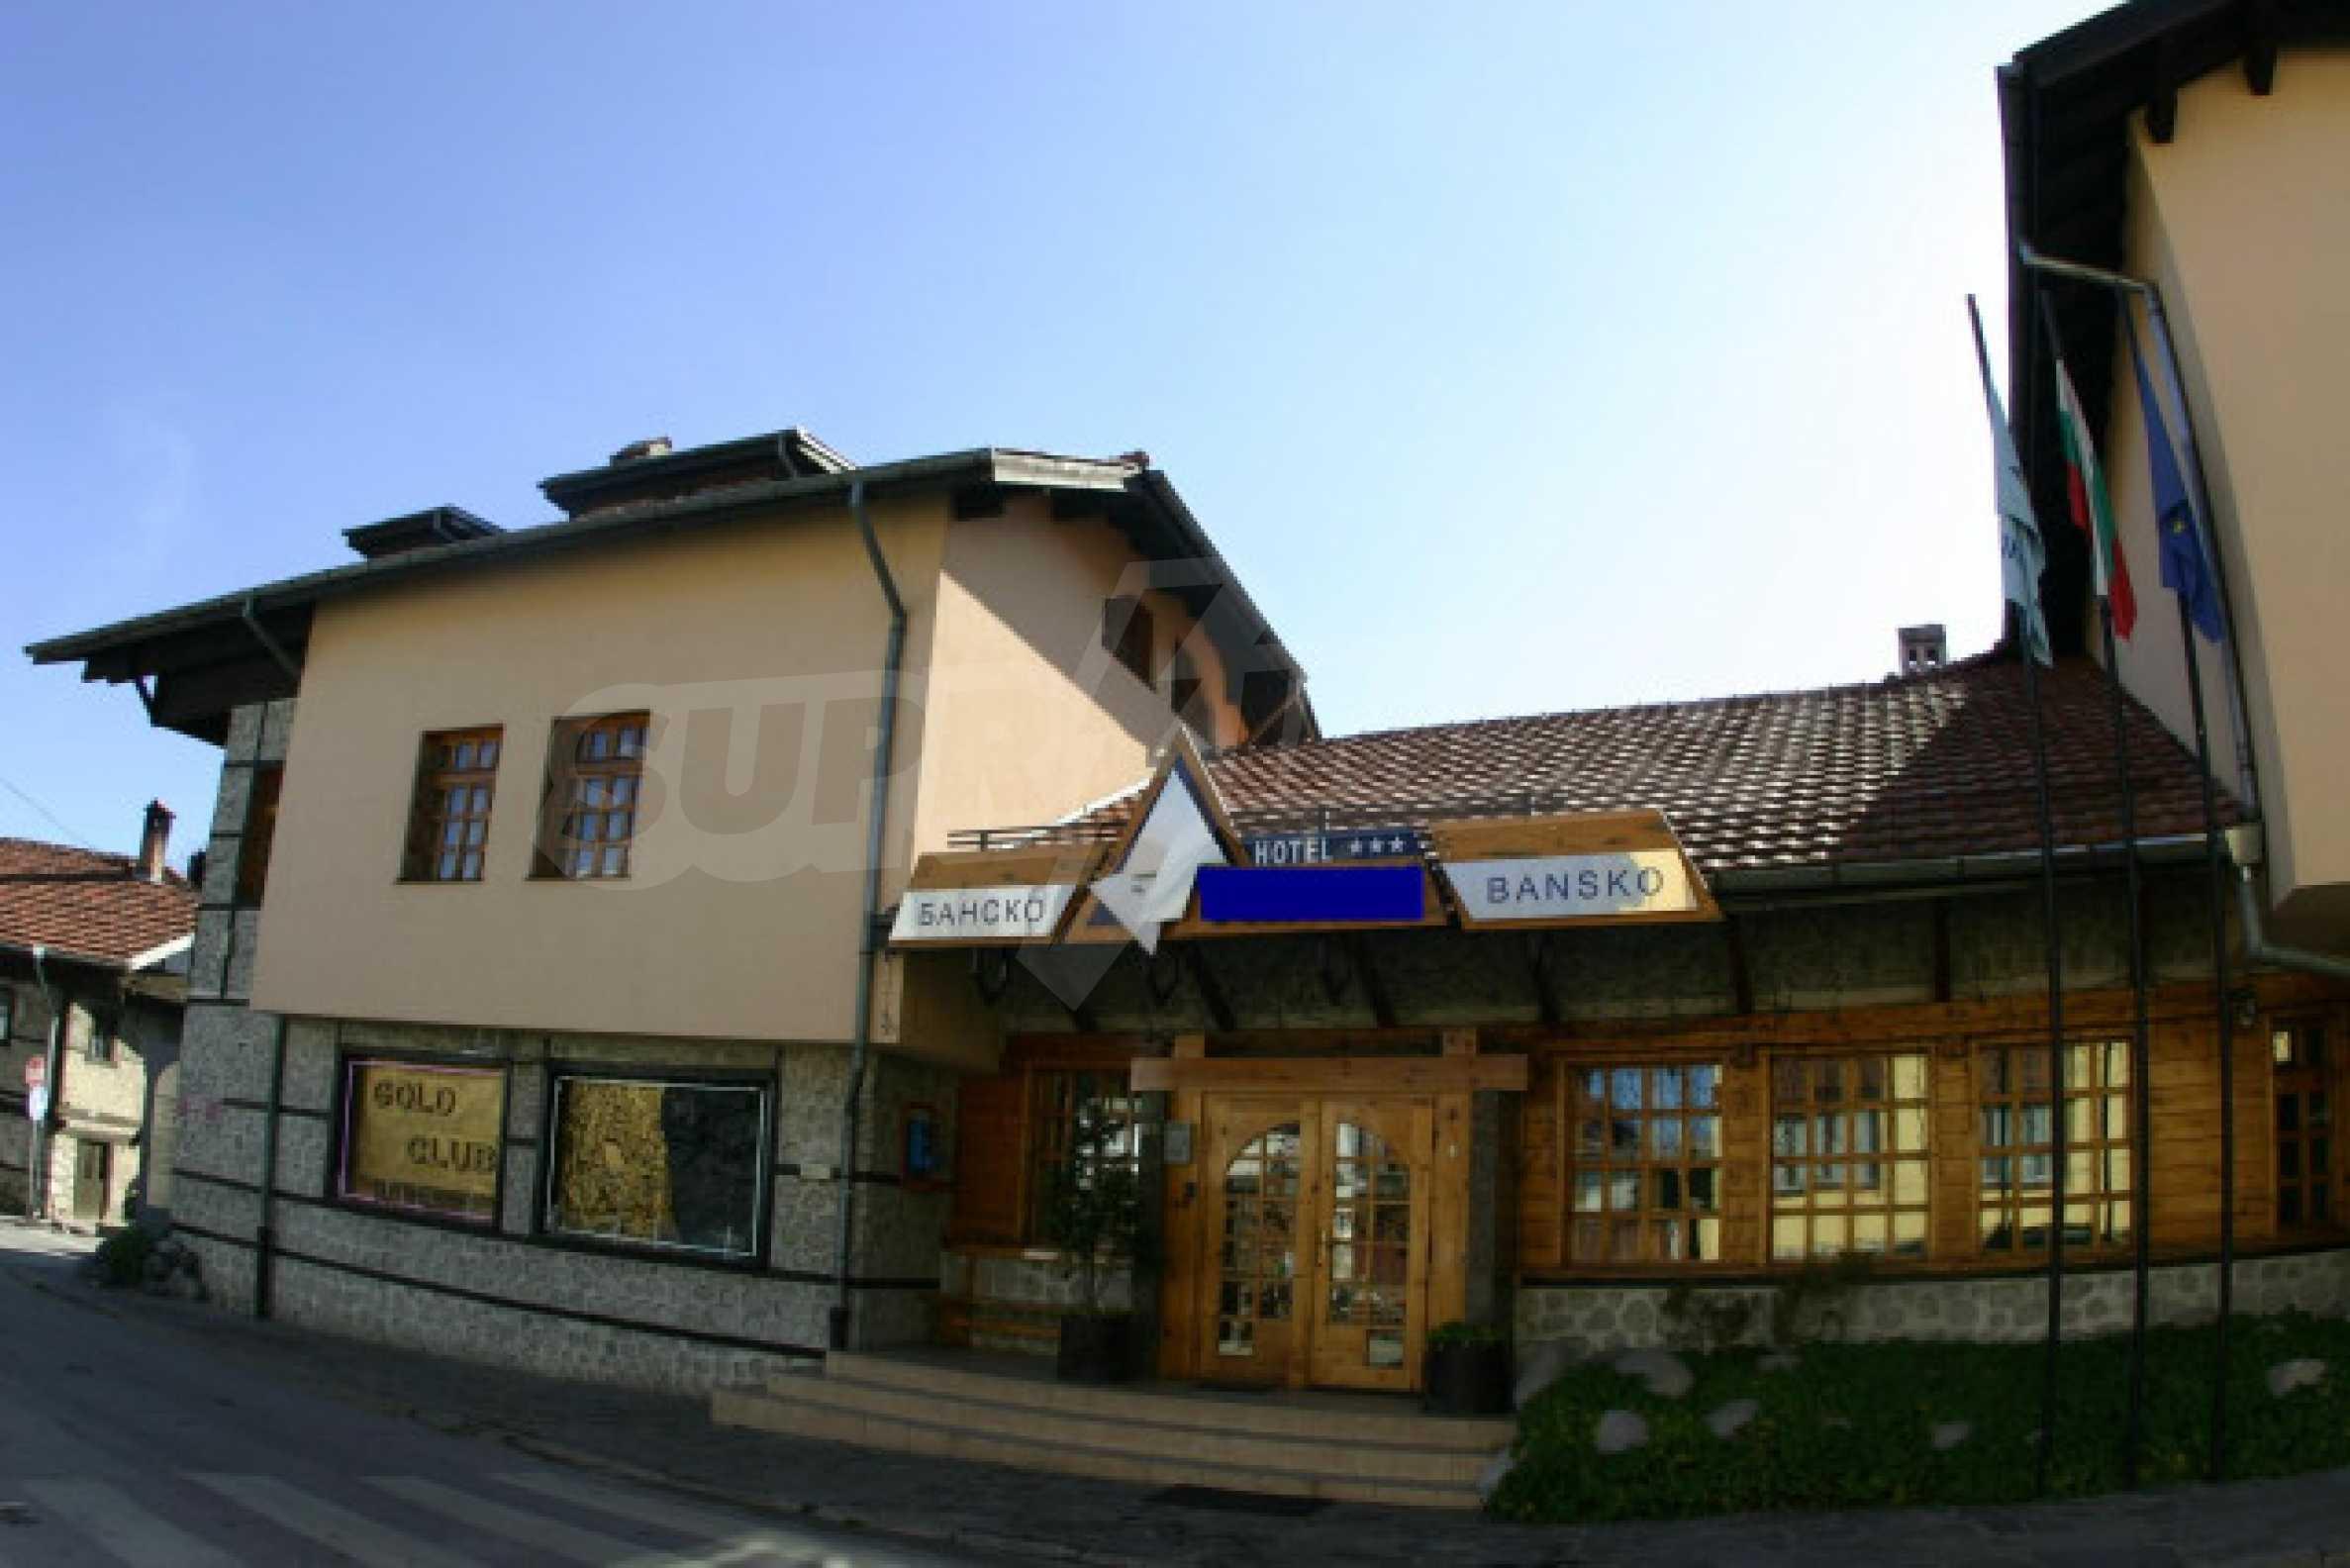 Hotel an der Haupteinkaufsstraße in Bansko